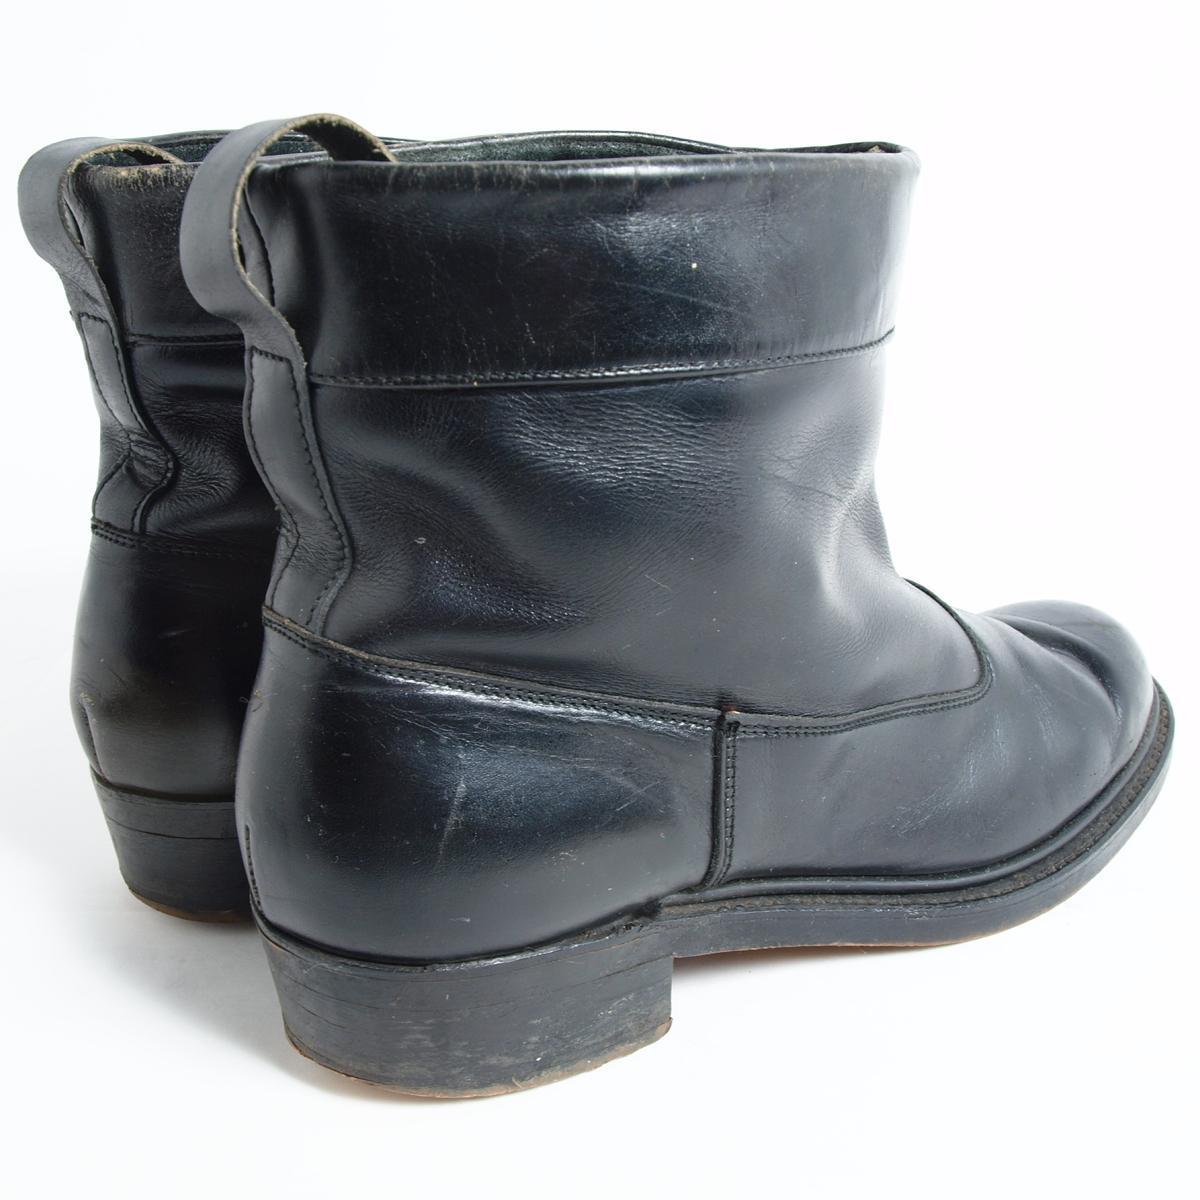 汤姆麦肯 Roper 靴男式 26.5 厘米 Thom 种中分 /bok3834